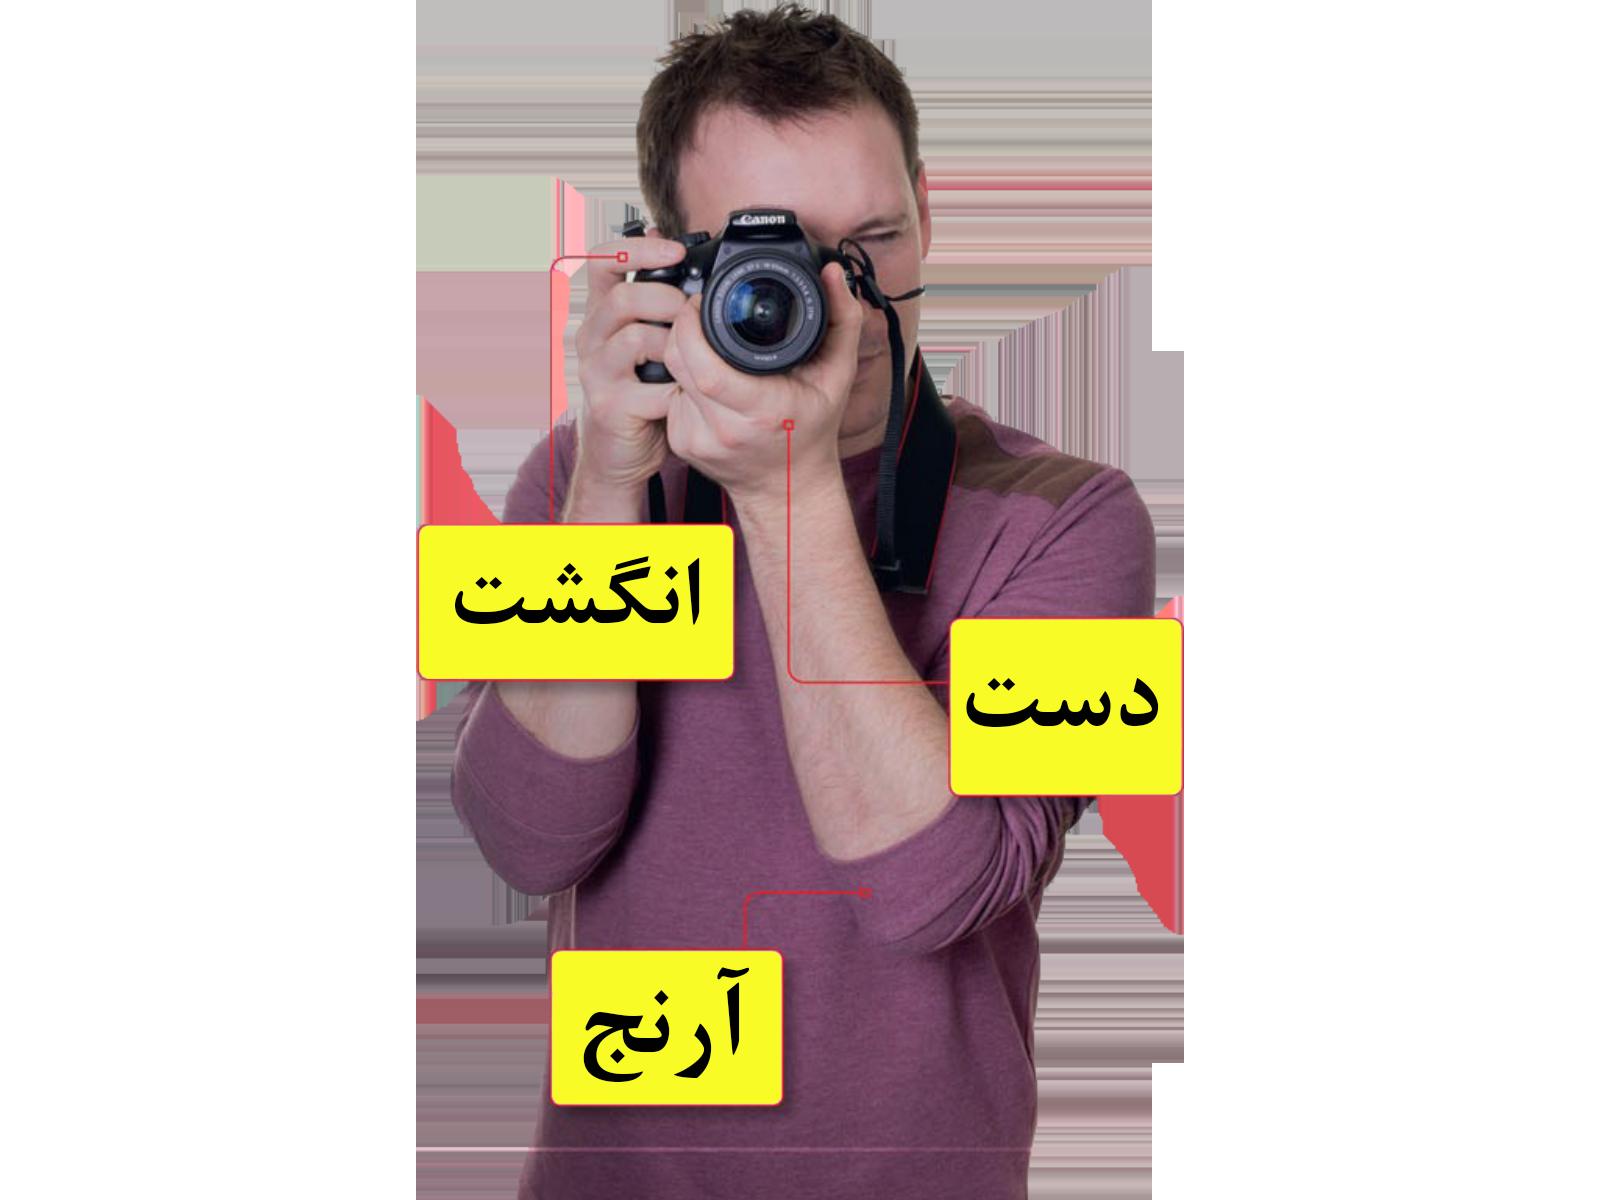 بهترین آموزشگاه عکاسی تهران